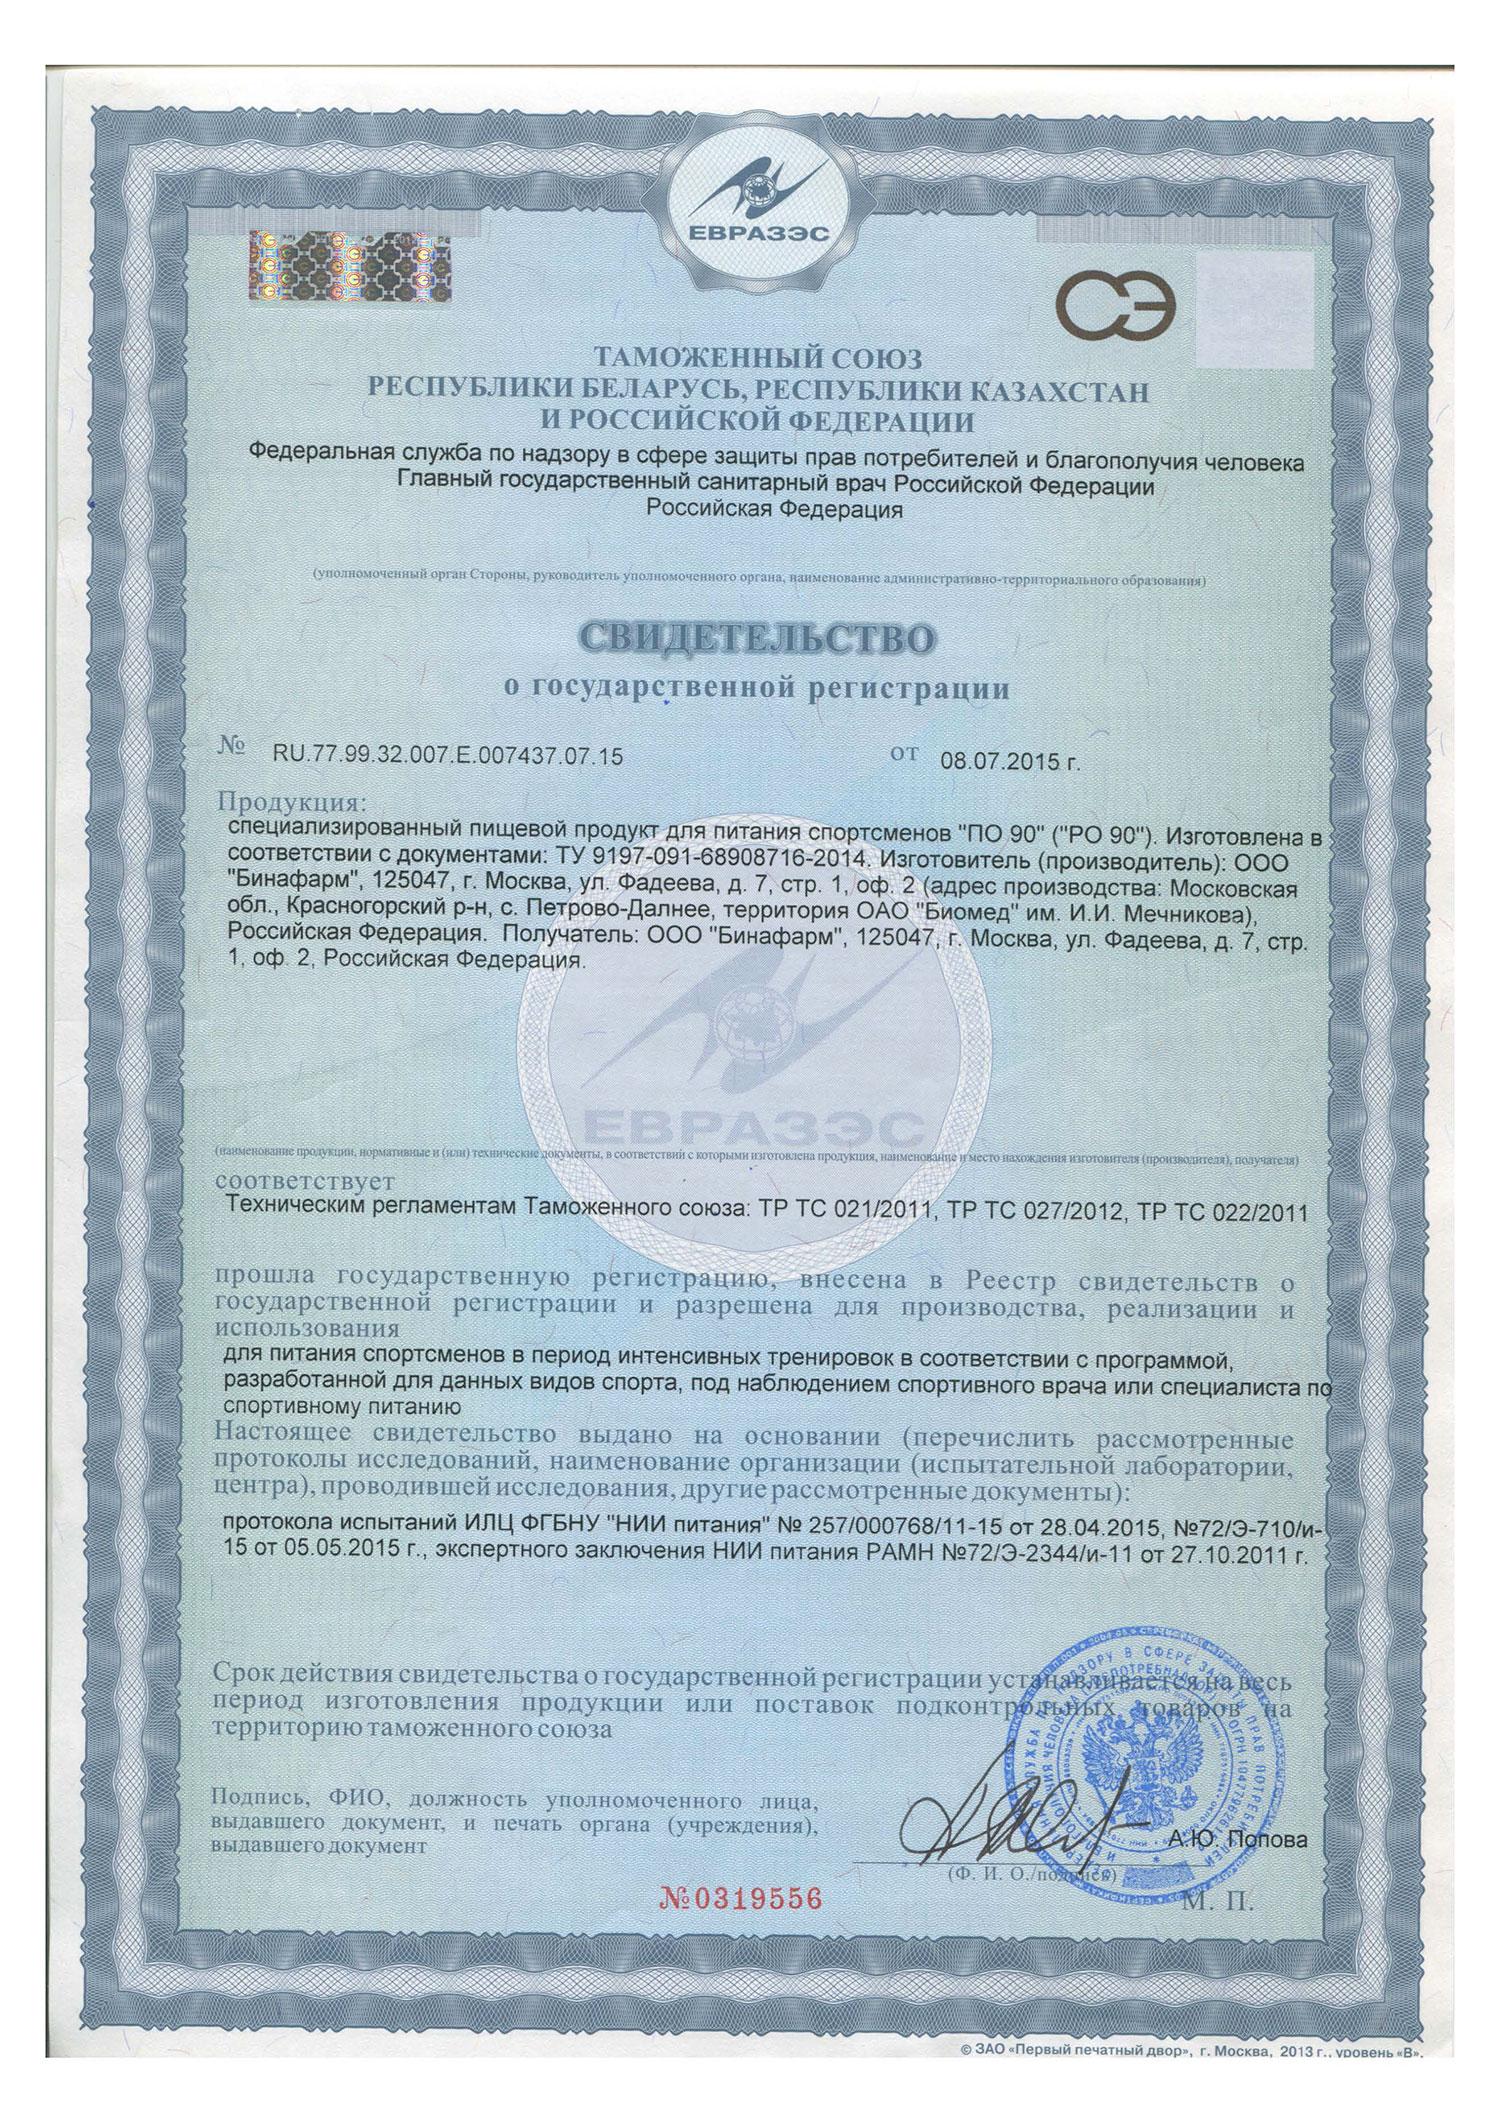 Сертификат ПО-90